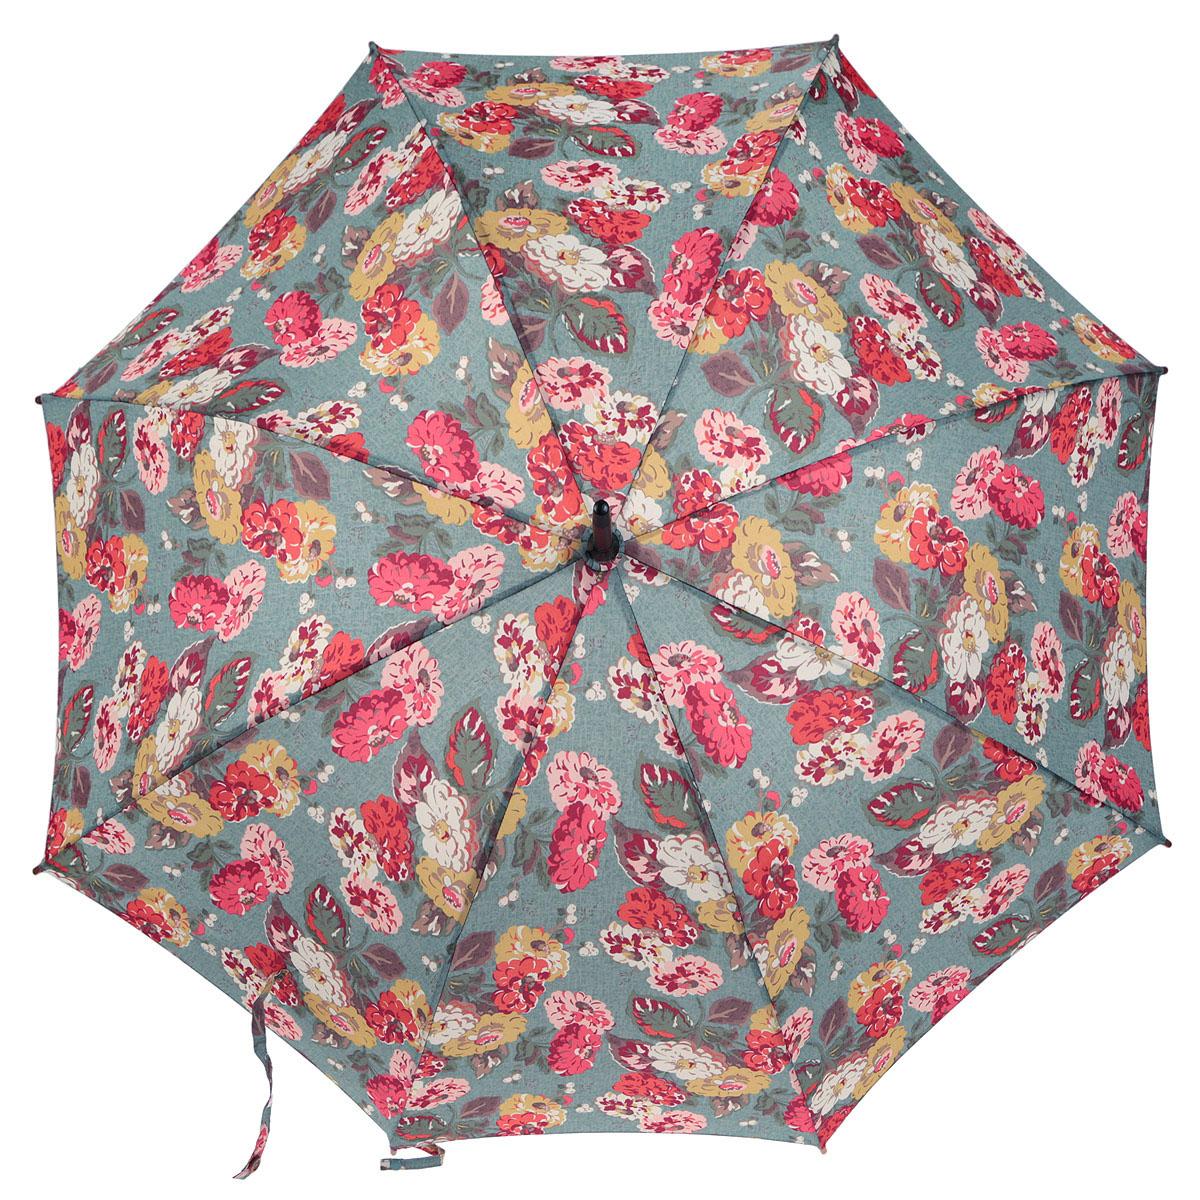 Зонт-трость женский Fulton Cath Kidston Kensington-2. Autumn Bloom Teal, механический, цвет: мультицвет. L541-284745100032/35449/3537AМодный механический зонт-трость Cath Kidston Kensington-2. Autumn Bloom Teal даже в ненастную погоду позволит вам оставаться стильной и элегантной. Каркас зонта состоит из 8 спиц фибергласса и деревянного стержня. Купол зонта выполнен из прочного полиэстера и оформлен узором в виде цветов. Изделие оснащено удобной рукояткой из дерева.Зонт механического сложения: купол открывается и закрывается вручную до характерного щелчка.Модель закрывается при помощи одного ремня с липучкой и маленького хлястика с кнопкой.Такой зонт не только надежно защитит вас от дождя, но и станет стильным аксессуаром, который идеально подчеркнет ваш неповторимый образ.